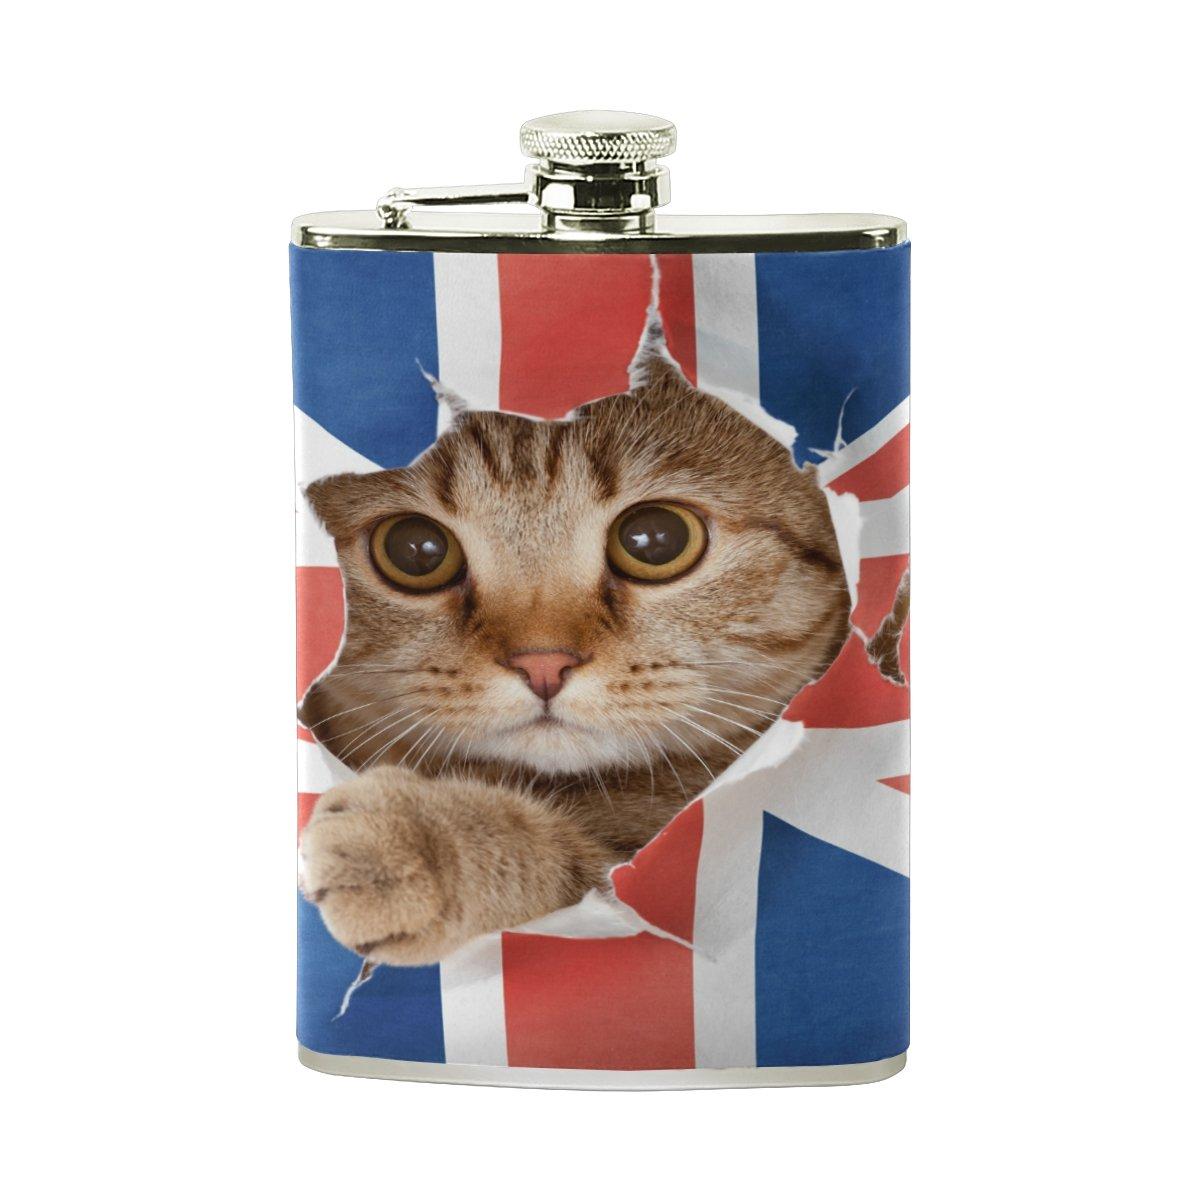 注目 Alaza Cat Cat Onユニオンジャックフラグ8オンスステンレススチールヒップフラスコPUレザーWrappedカバーHeavy Whiskey Vidkaラム DutyポケットショットのフラスコLiquor Whiskey Vidkaラム B075YT2CXD, milimili:64eb2d65 --- a0267596.xsph.ru